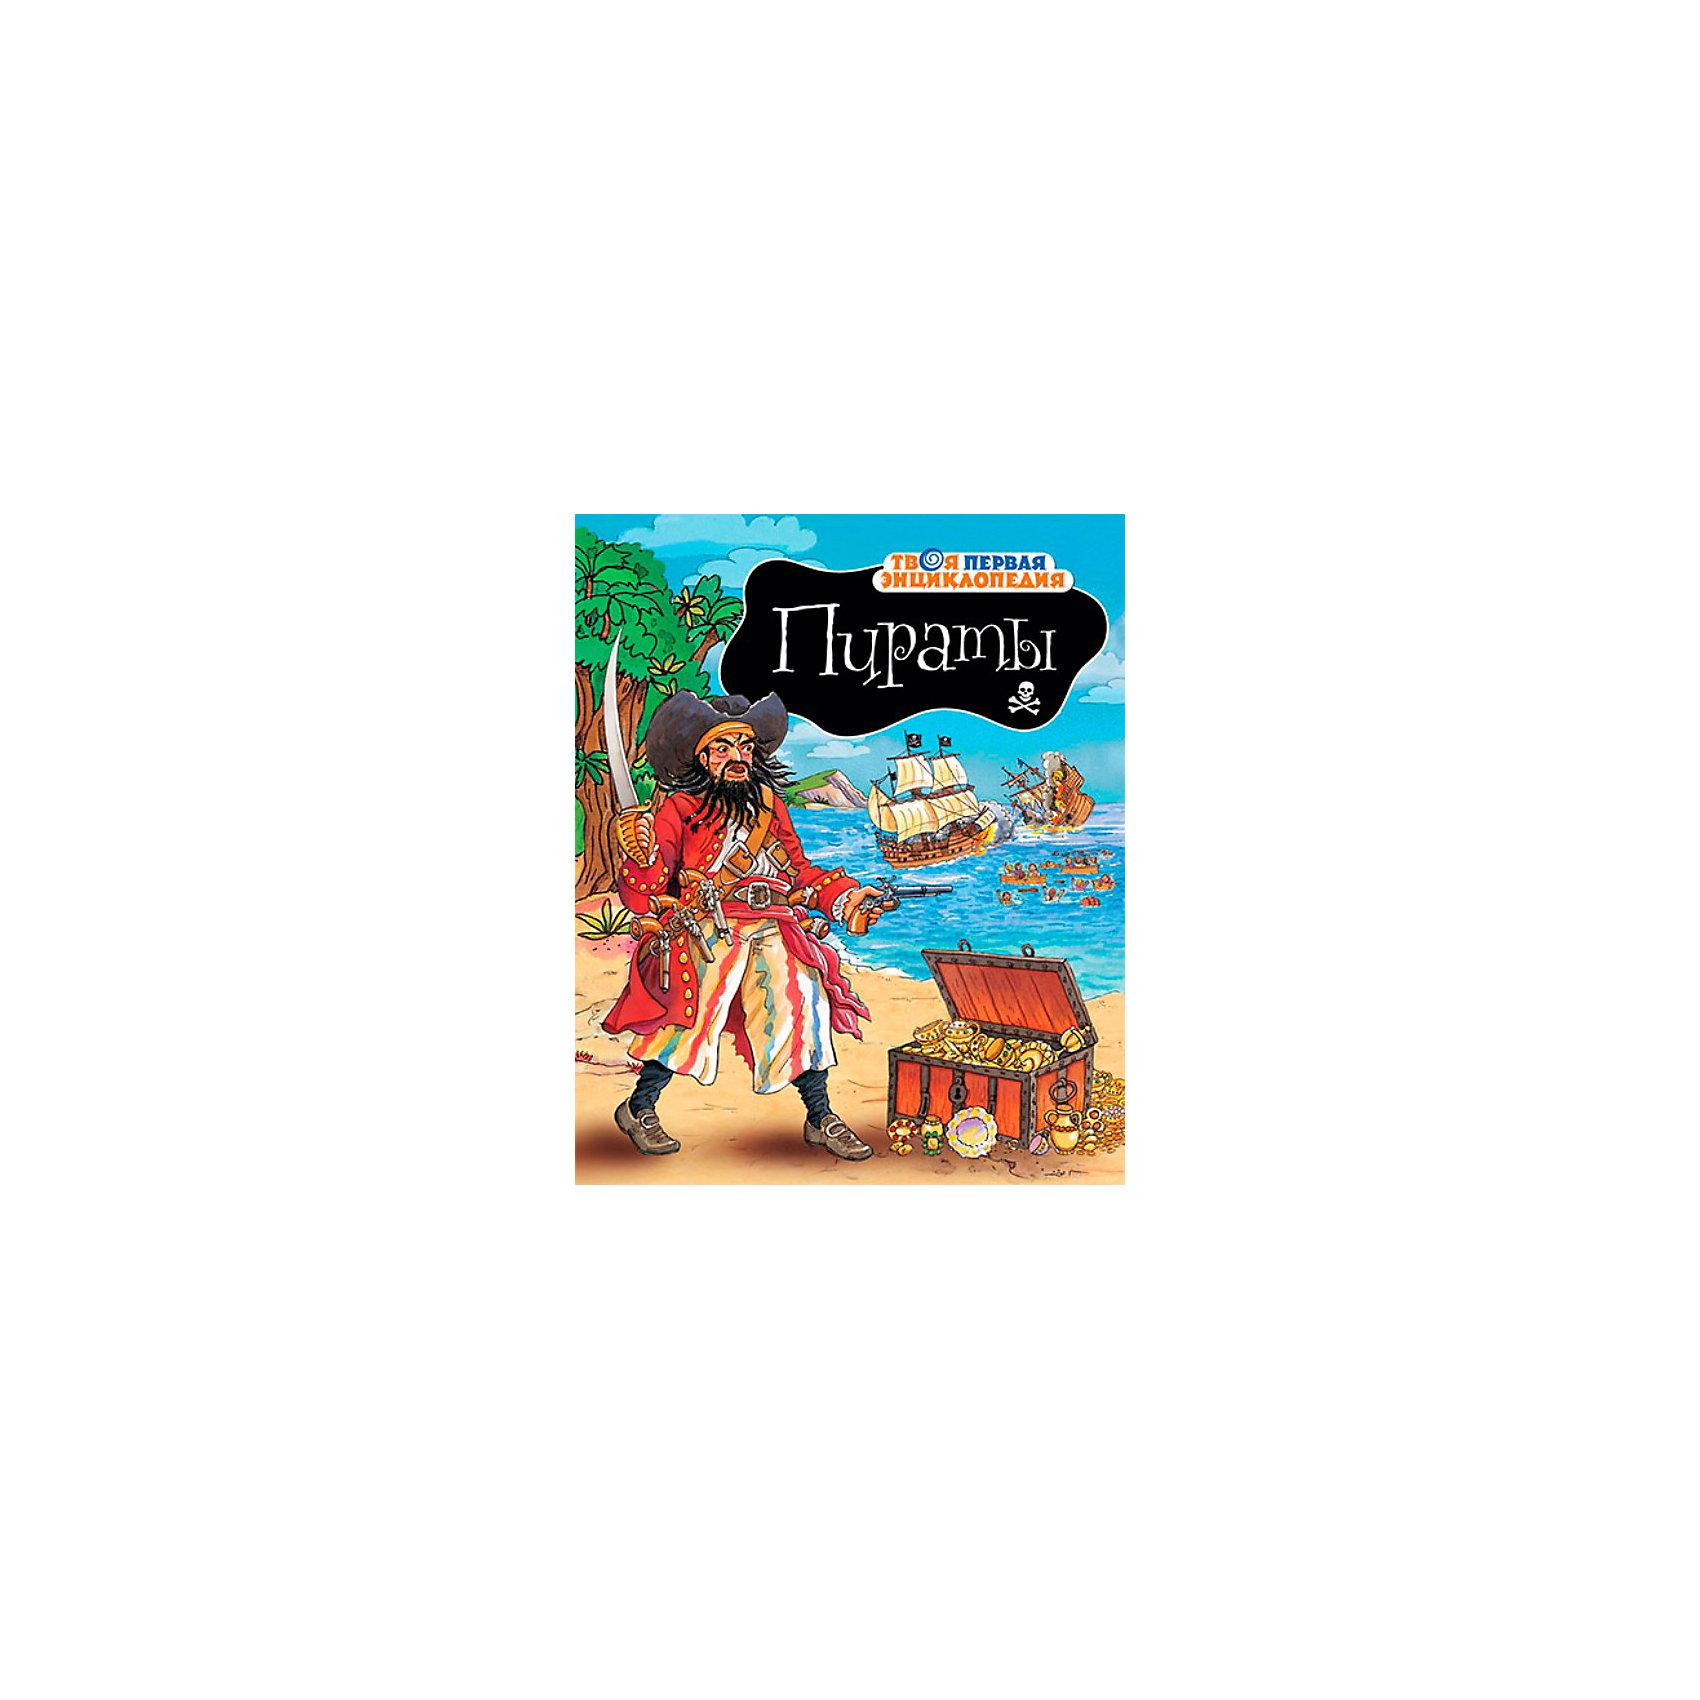 Твоя первая энциклопедия ПиратыЧитая эту книгу, ты окунешься в полную приключений и опасностей жизнь пиратов - разбойников, которые с древних времен бороздят морские просторы. Ты узнаешь, на кого они нападали, где прятали сокровища, что ели и пили во время похода, как залечивали раны. Тебя ждут рассказы о судьбах знаменитых разбойников и о приключениях Джима, юного героя захватывающей истории об острове Сокровищ. Если ты захочешь поиграть в пиратов - пожалуйста, в конце книги помещены подробные указания, как изготовить пиратский костюм и вооружение. Вперед, на абордаж!<br>Страниц: 128<br>Формат: 185х230 мм<br>Переплет: Переплет<br><br>Ширина мм: 242<br>Глубина мм: 196<br>Высота мм: 12<br>Вес г: 388<br>Возраст от месяцев: 60<br>Возраст до месяцев: 96<br>Пол: Мужской<br>Возраст: Детский<br>SKU: 2411746